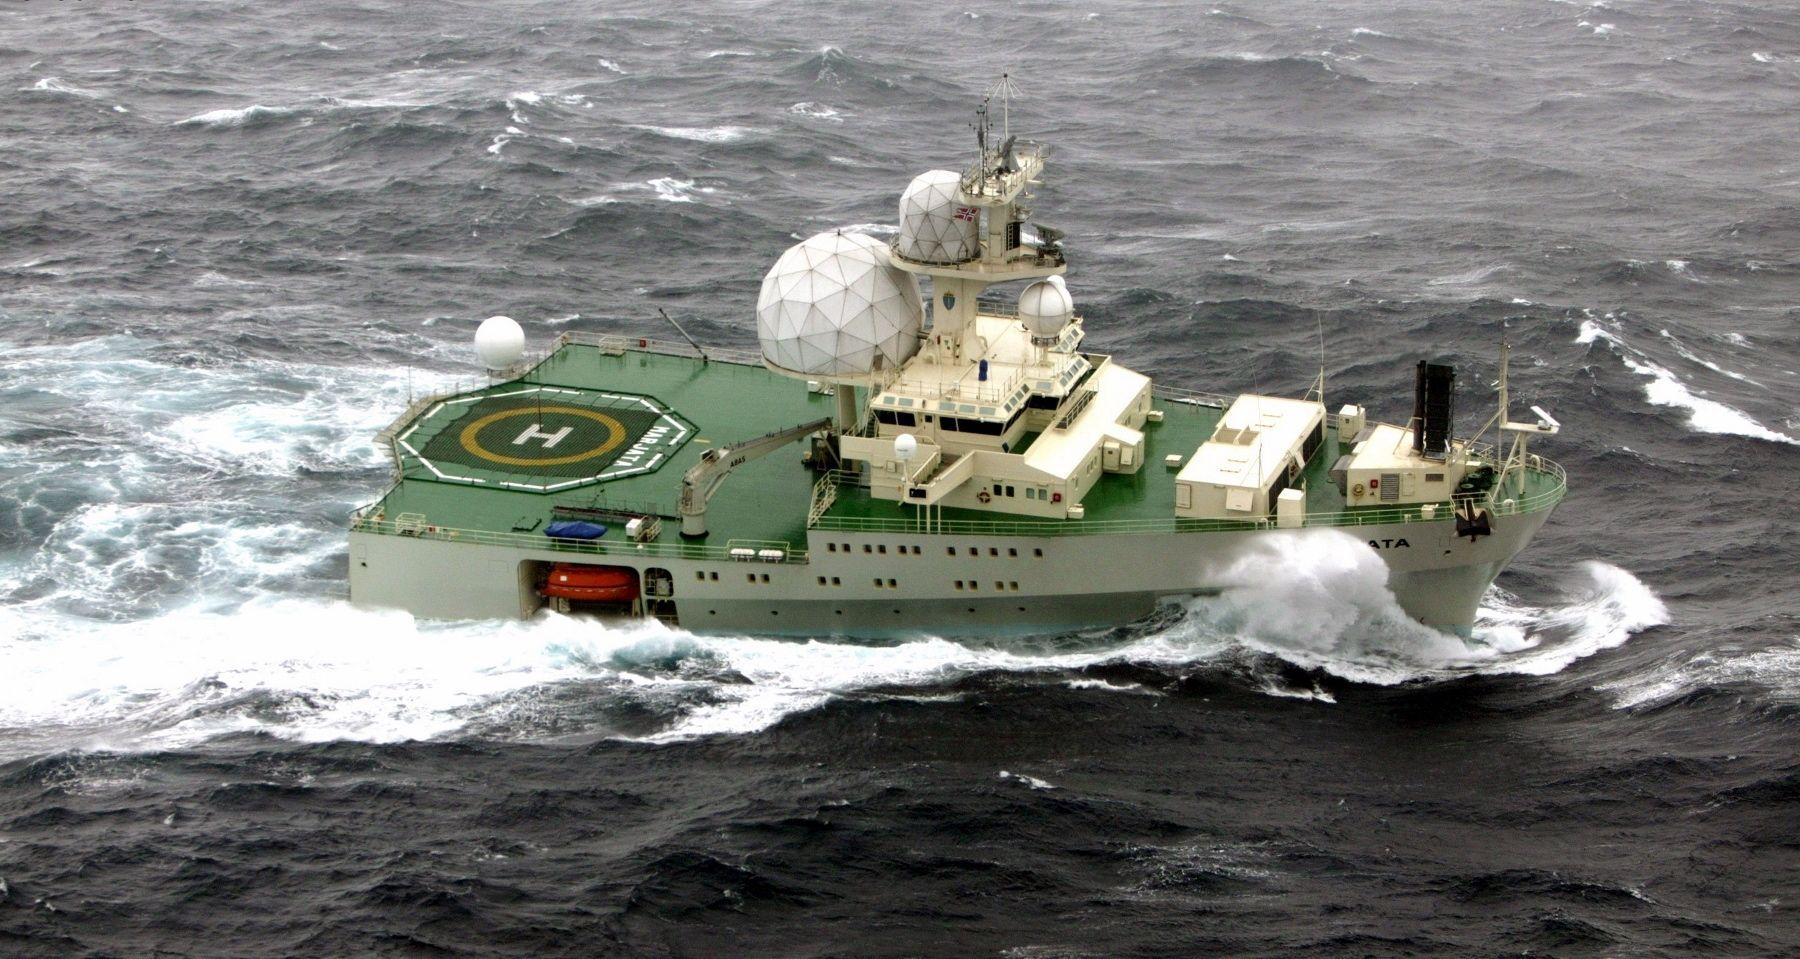 FRA «MARJATA» TIL «EGER»: Når hun legger ut på nye tokt i Norskehavet i 2017, har det norske spionskipet «Marjata» fått det like tradisjonsrike «Eger» - og dobler Norges flåte overvåkningsskip.